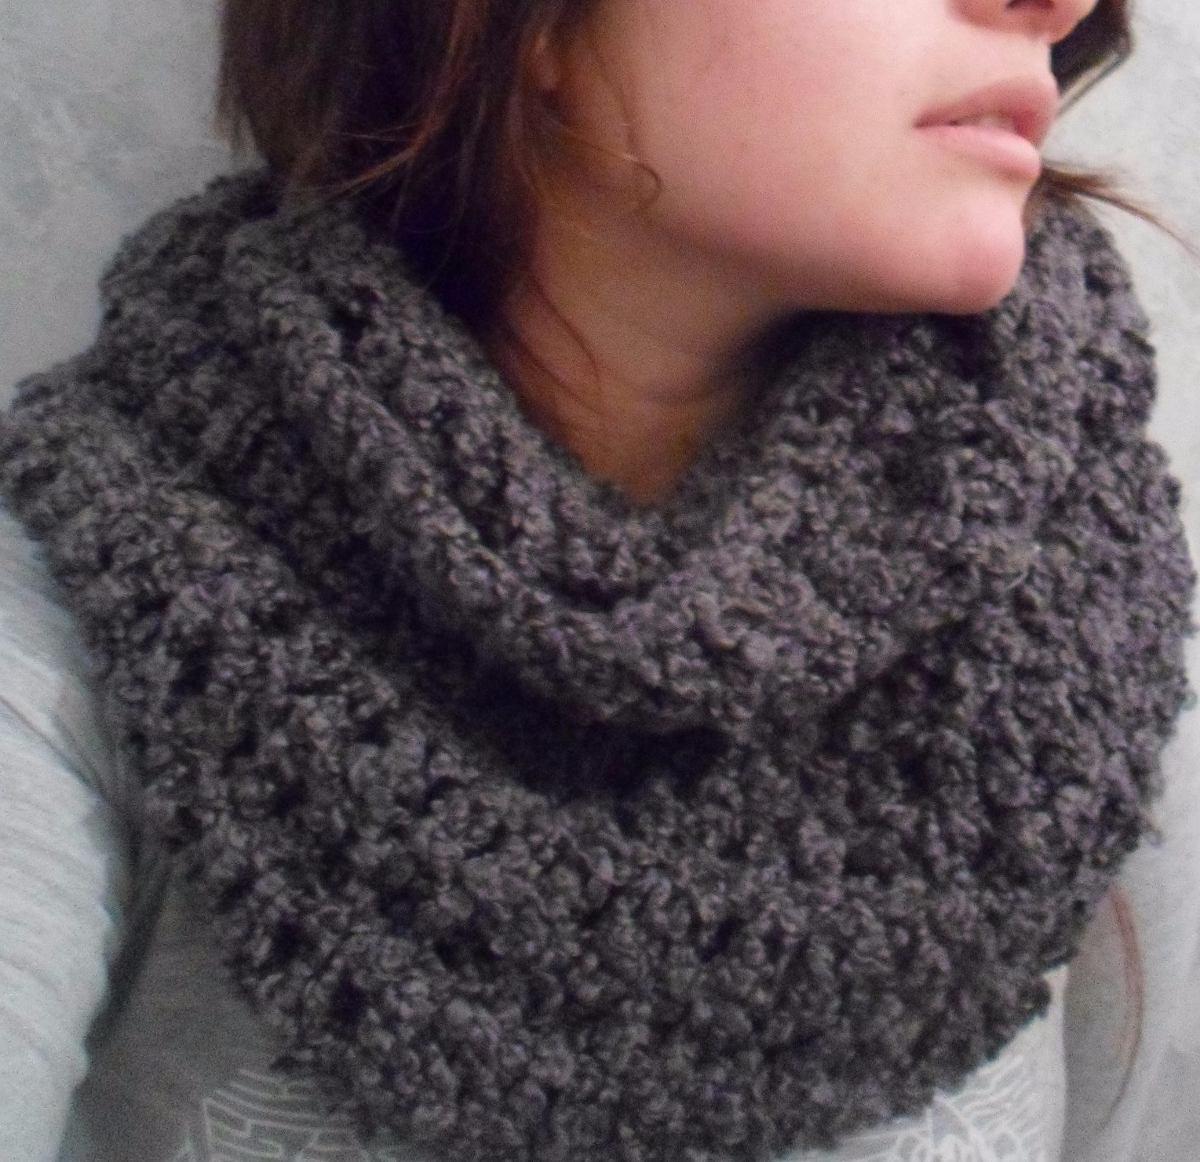 nuevos productos calientes estilo de moda precio barato Bufanda Infinita Circular Tejido Crochet Y Miel - $ 300,00 en ...